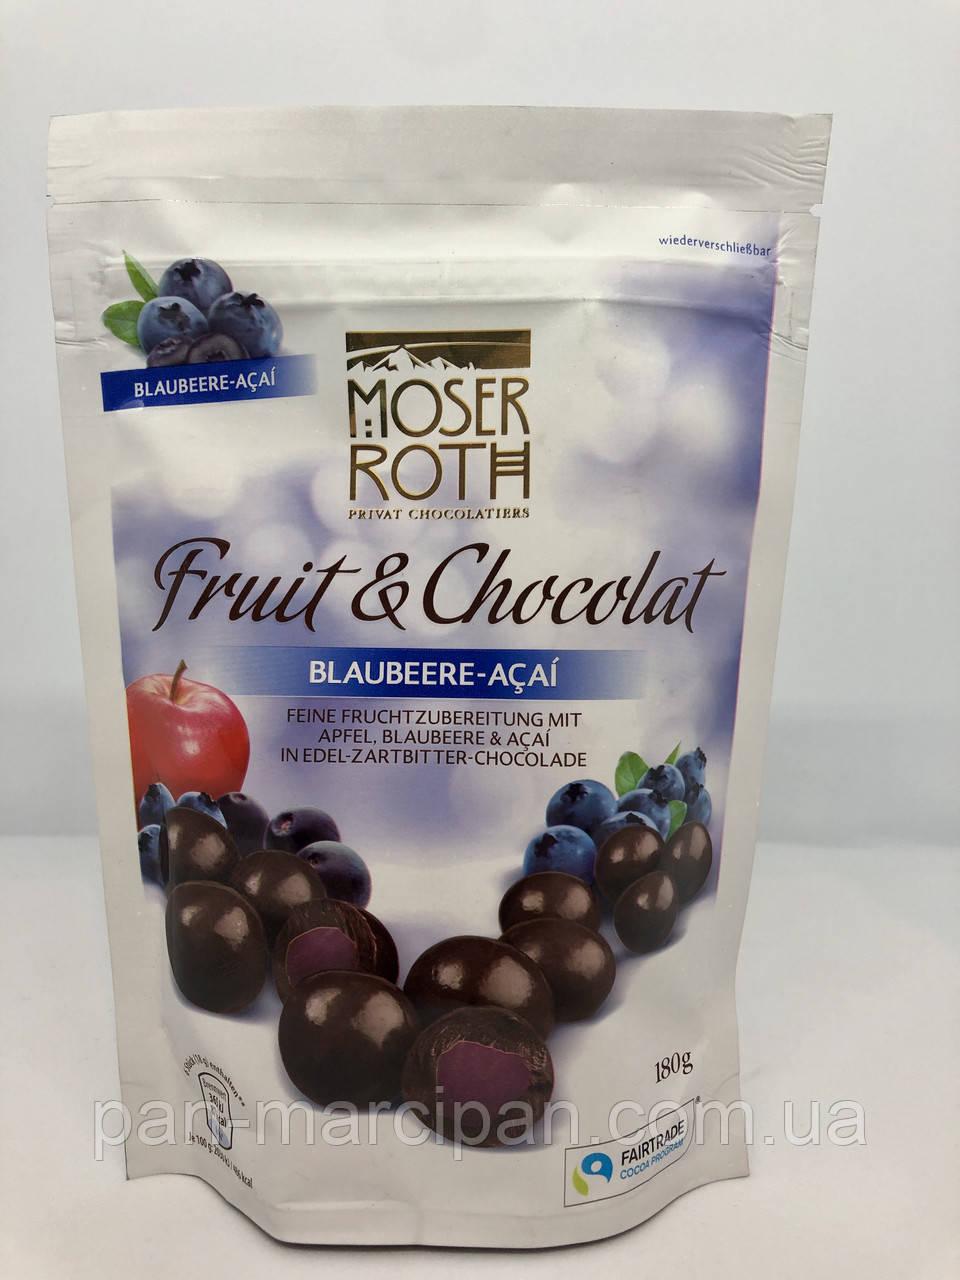 Драже Moser Roth Blaubeere-Acai у темному шоколаді 180г